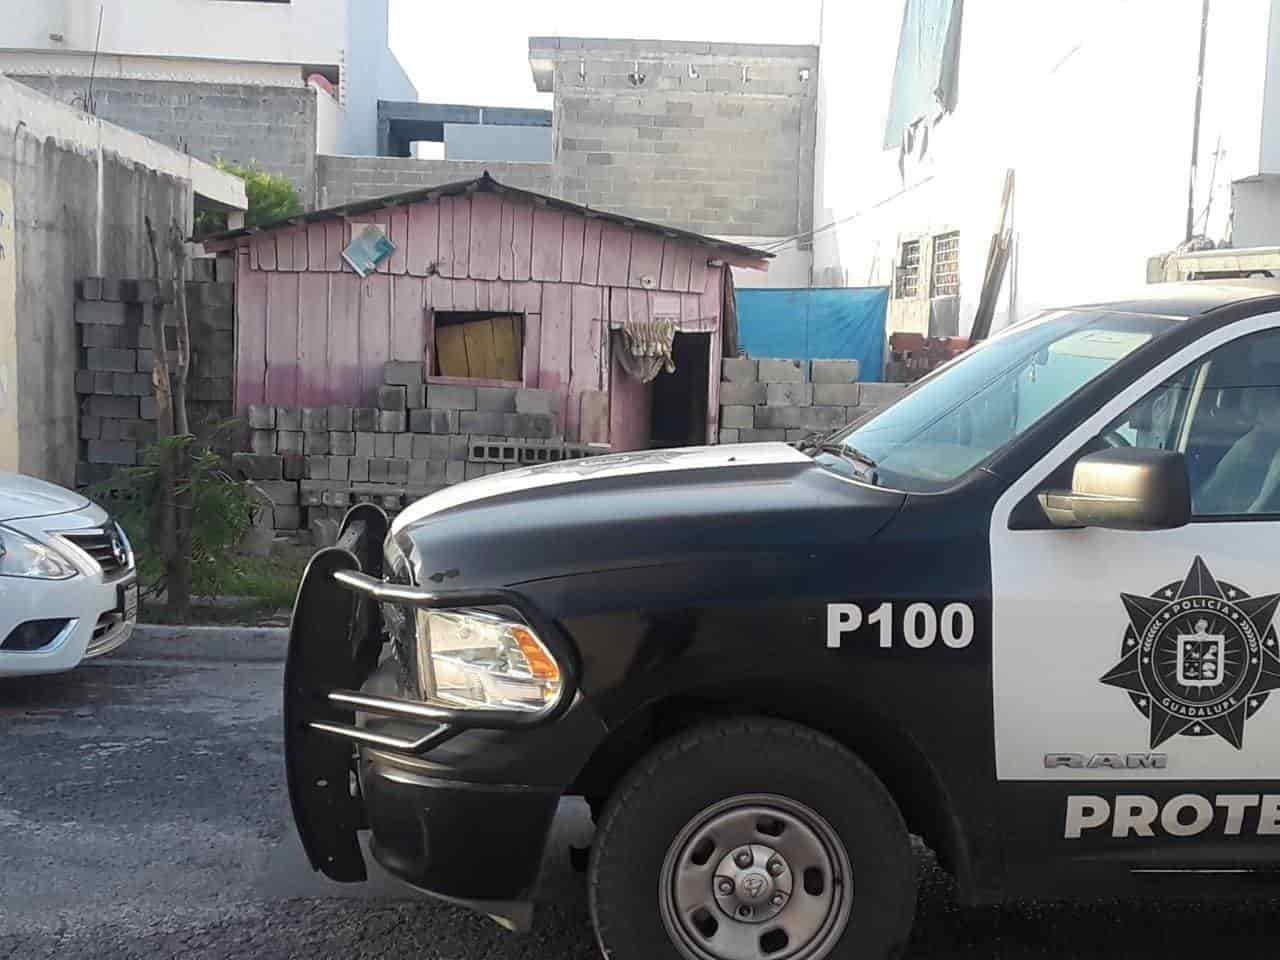 Dos vecinos discutieron, uno de ellos molesto entró a su domicilio y sacó un machete con el cual hirió a su rival